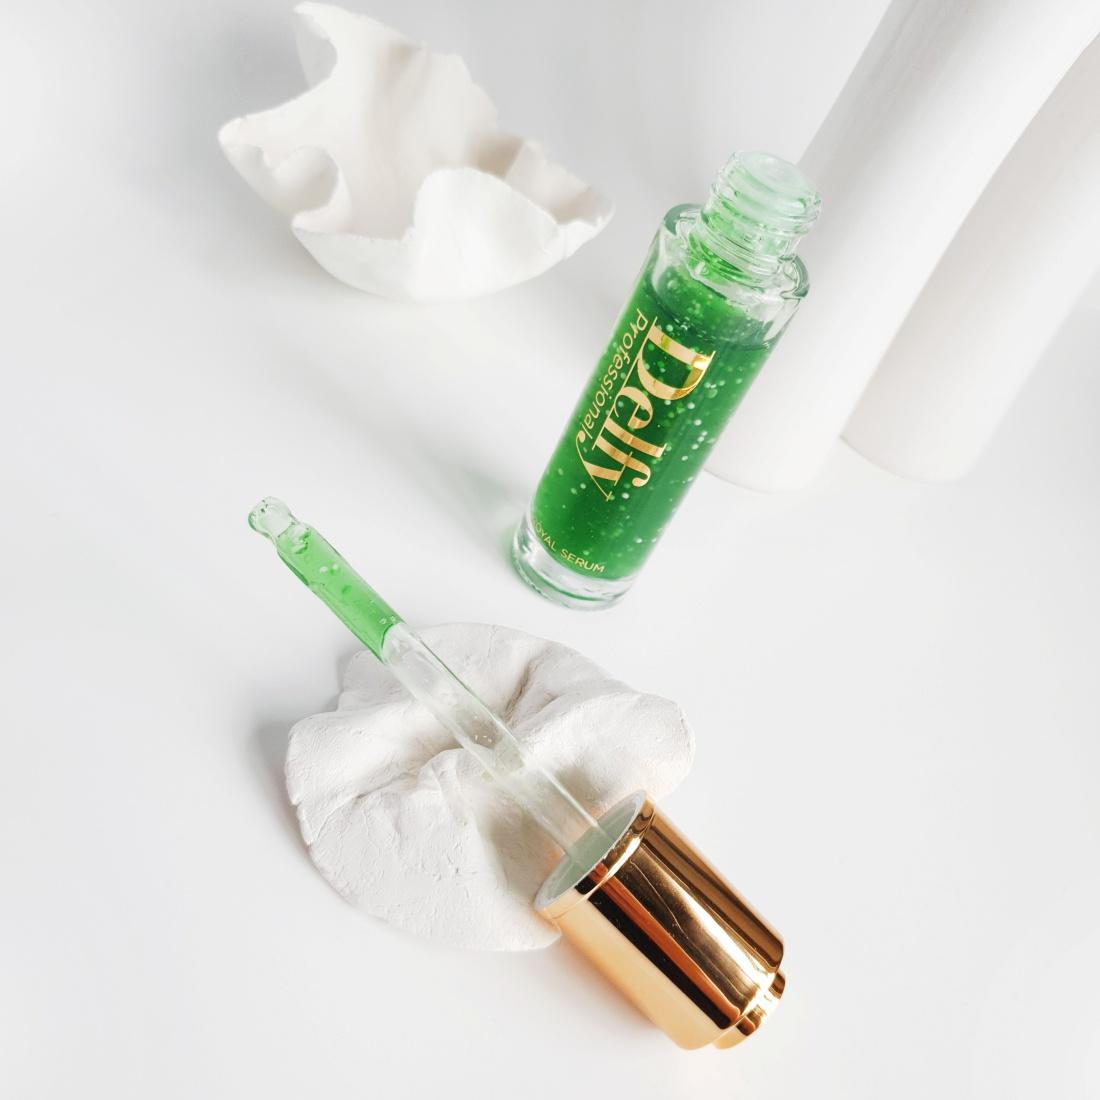 Royal Serum Blemish Control de la firma Delfy Cosmetics.